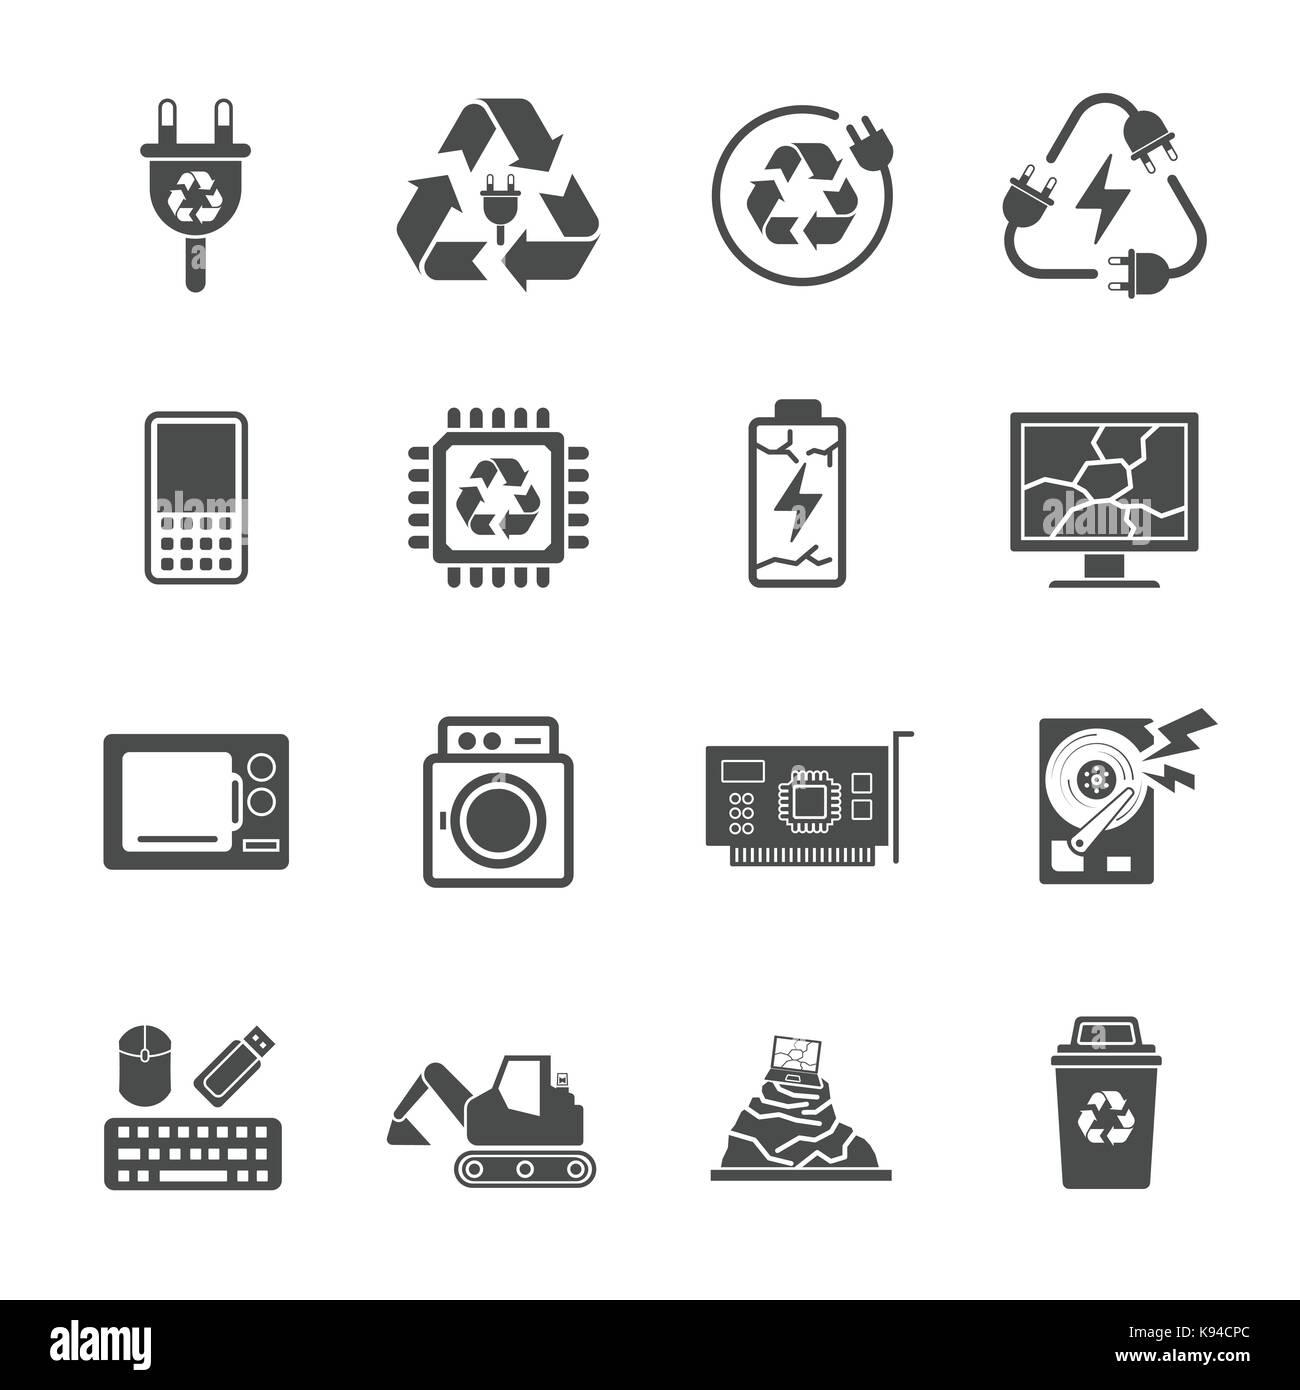 Le recyclage des déchets Les déchets électroniques, contient de tels que les déchets électroniques, Photo Stock